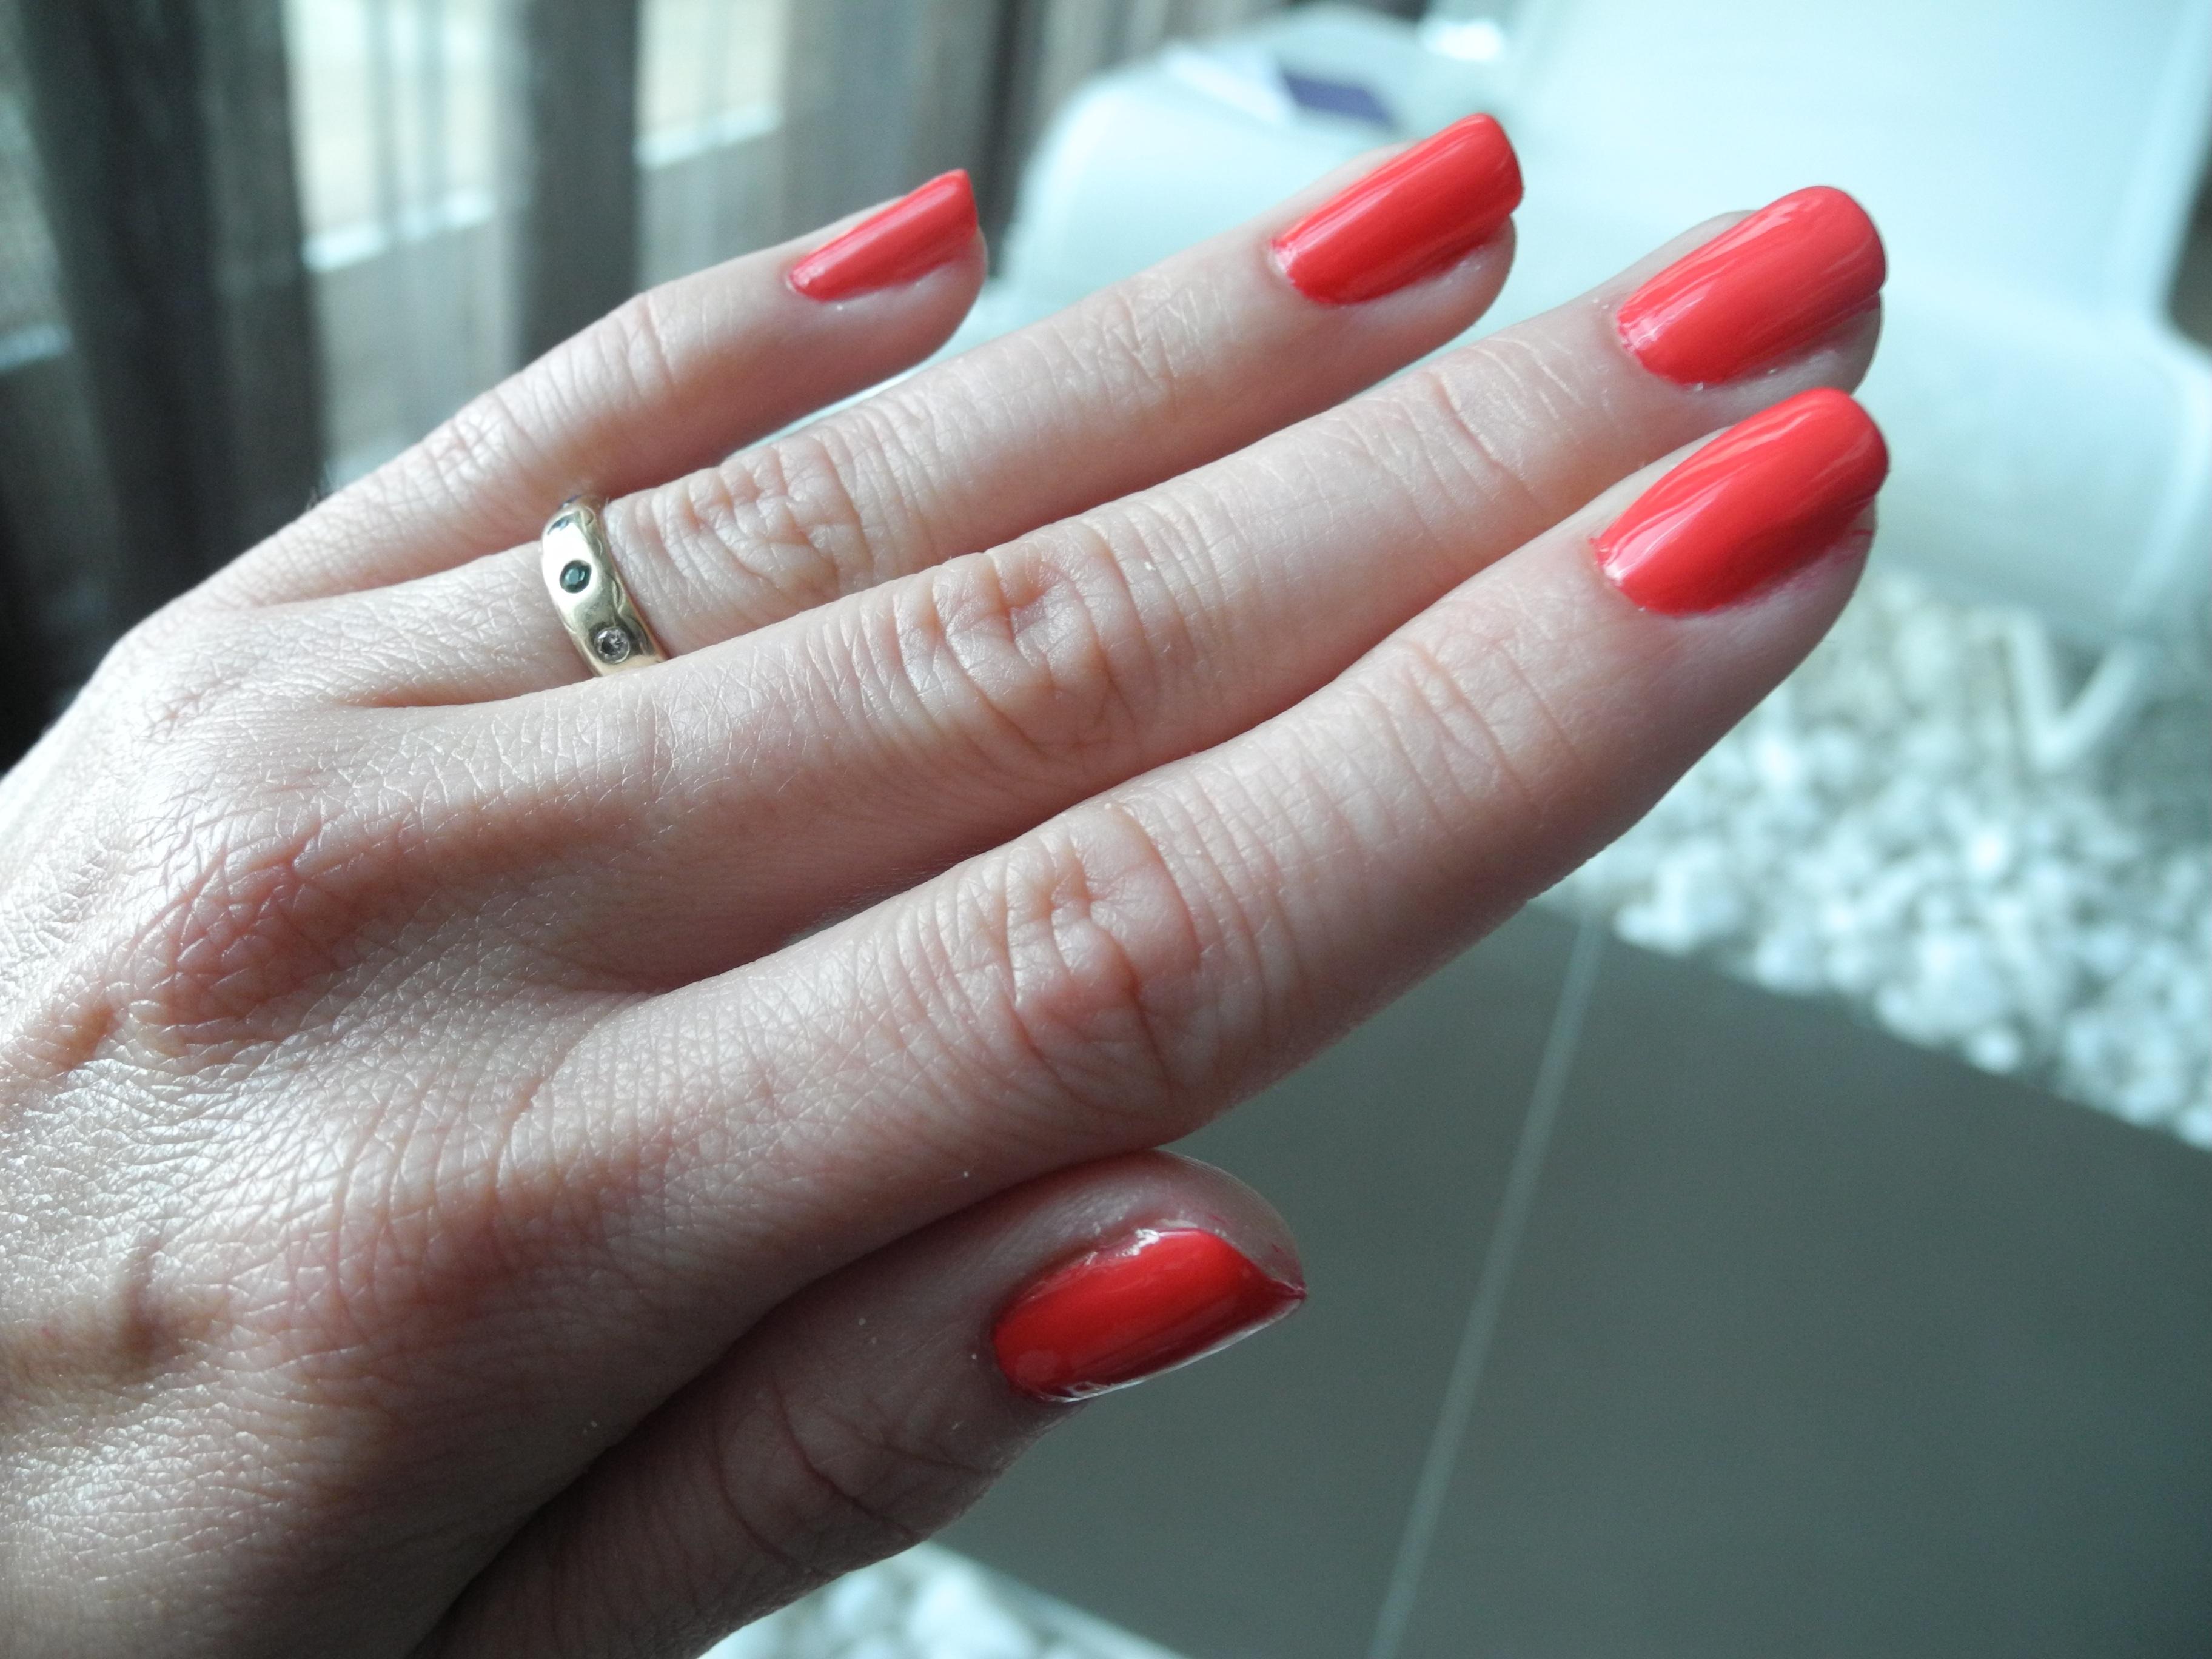 Fotos gratis : mano, anillo, dedo, rojo, pintar, uña, matrimonio ...